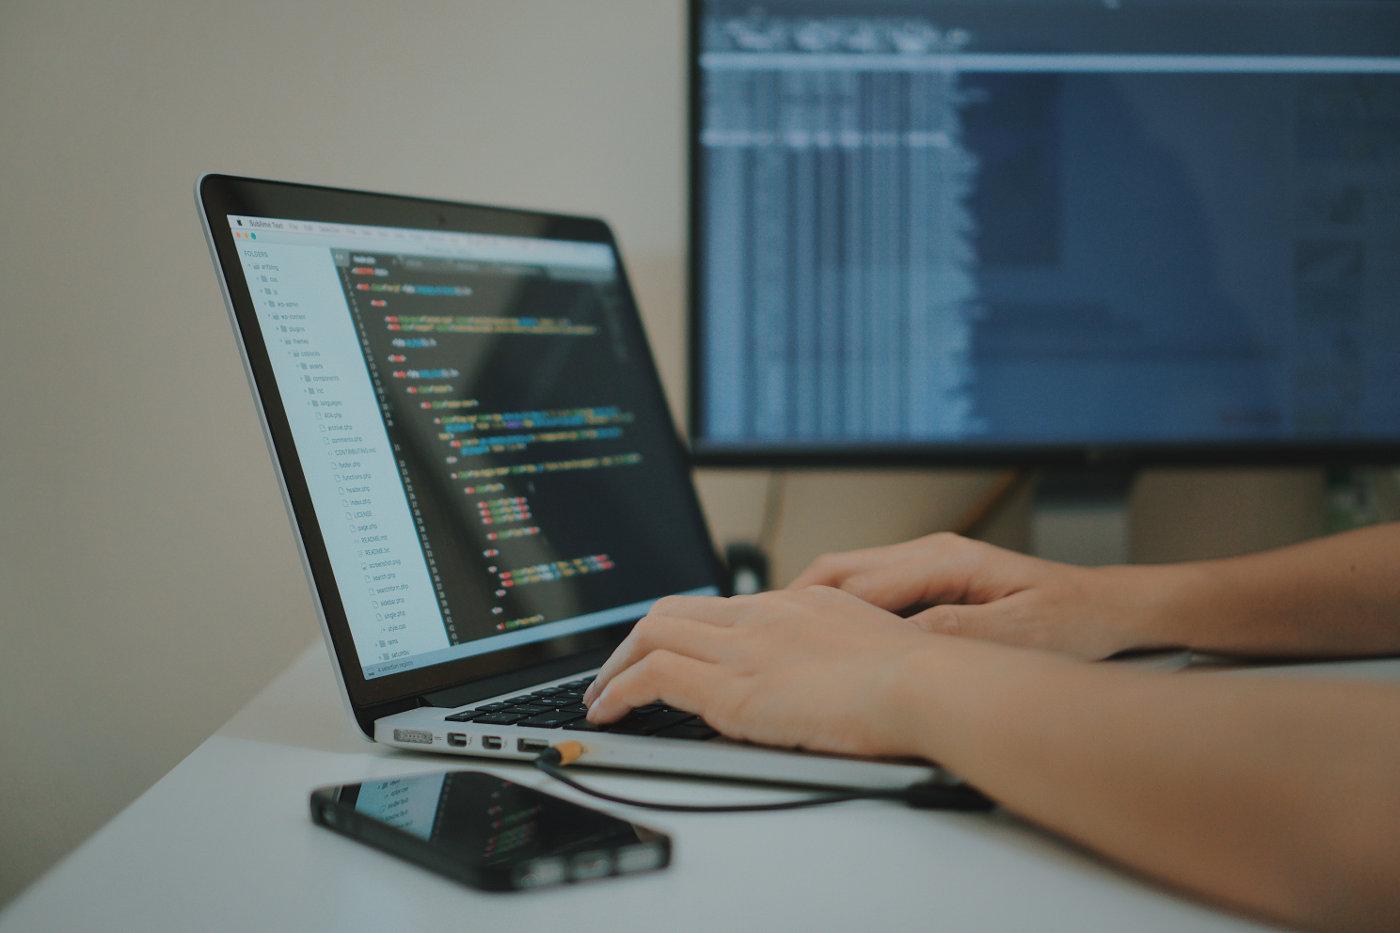 Aprender a programar después de los 30 salida laboral